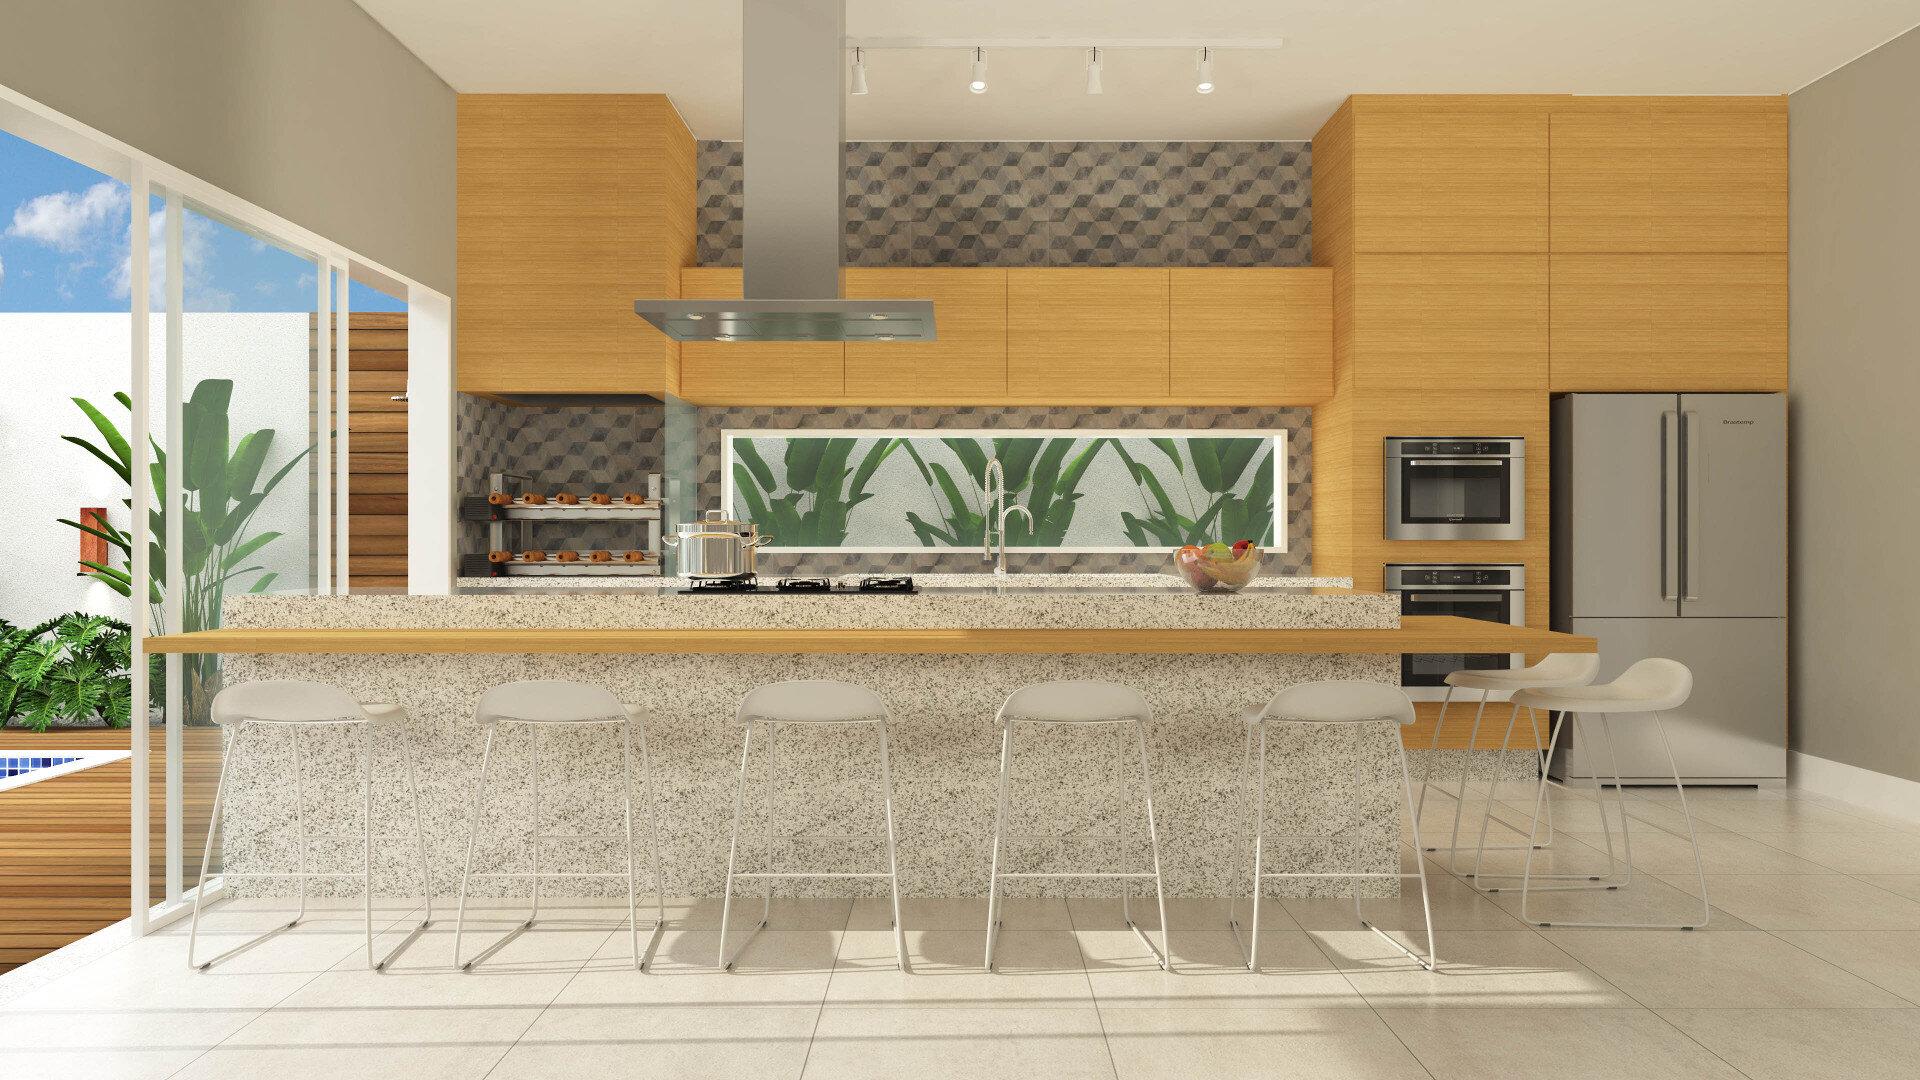 Cozinha Com Sala De Jantar Integrada Cozinha Branca Integrada As